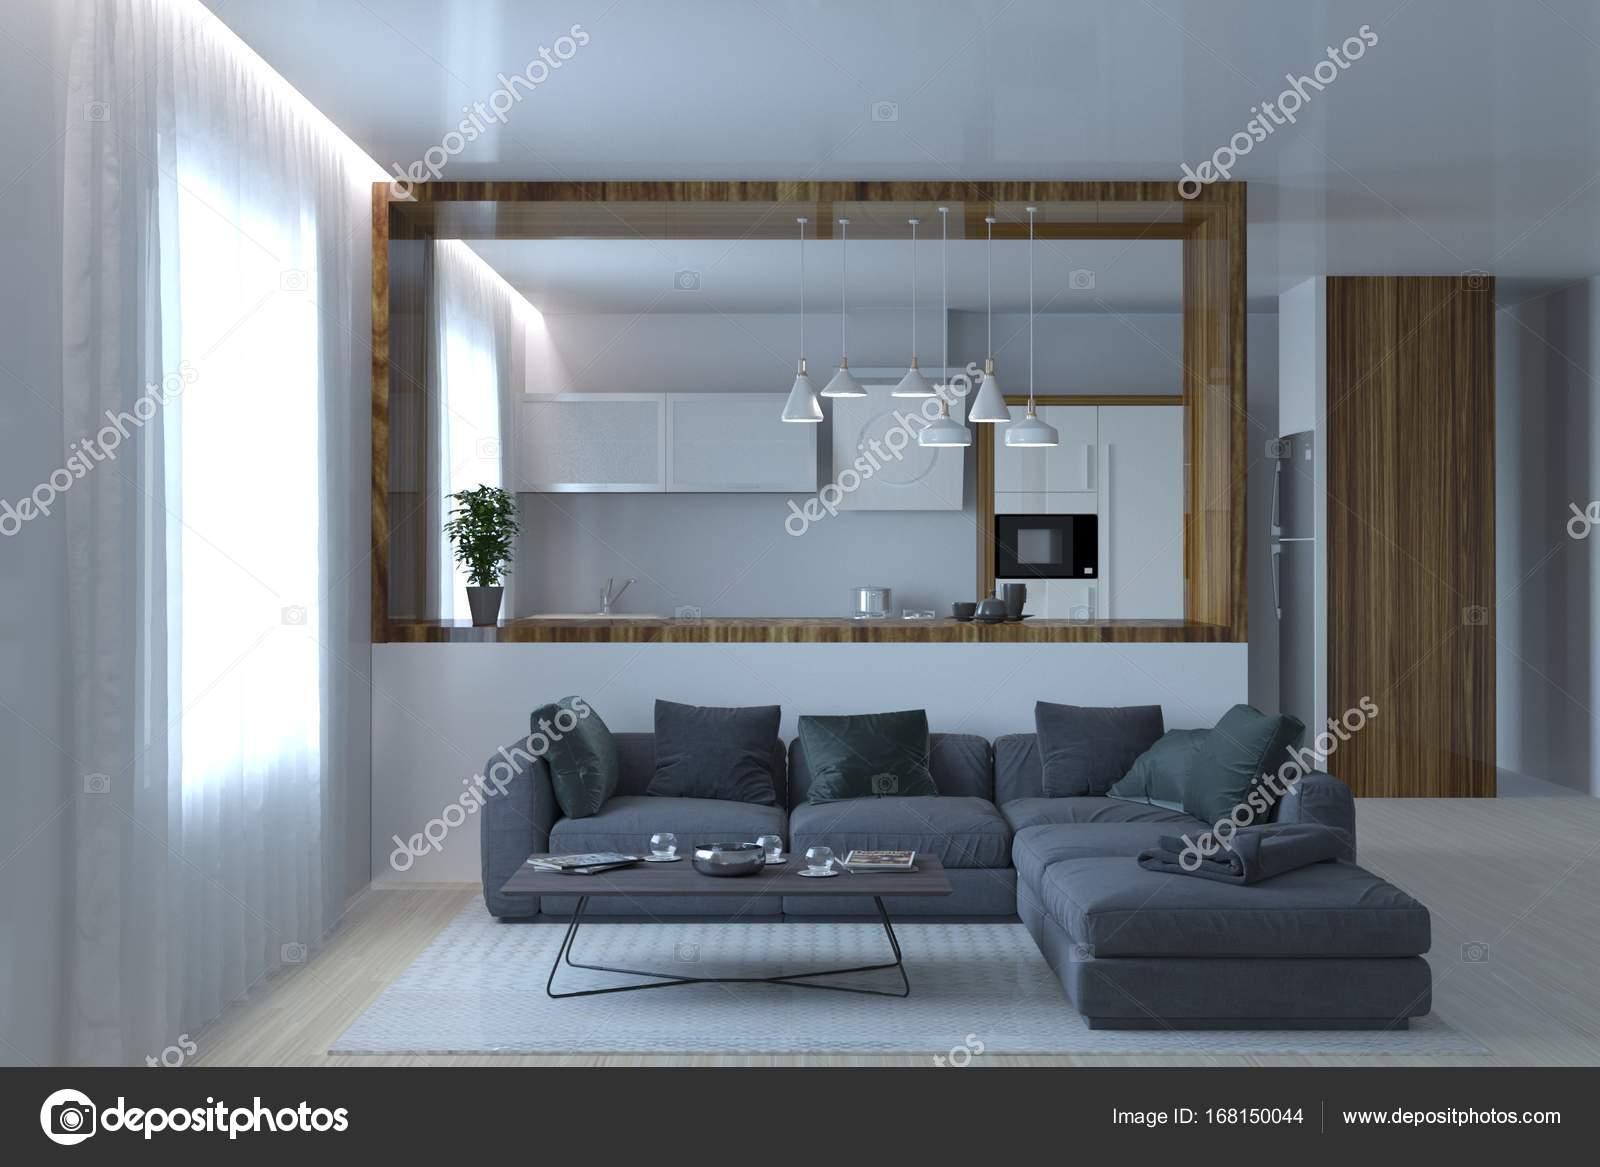 Bella cucina moderna studio con divano letto soggiorno grigio — Foto ...